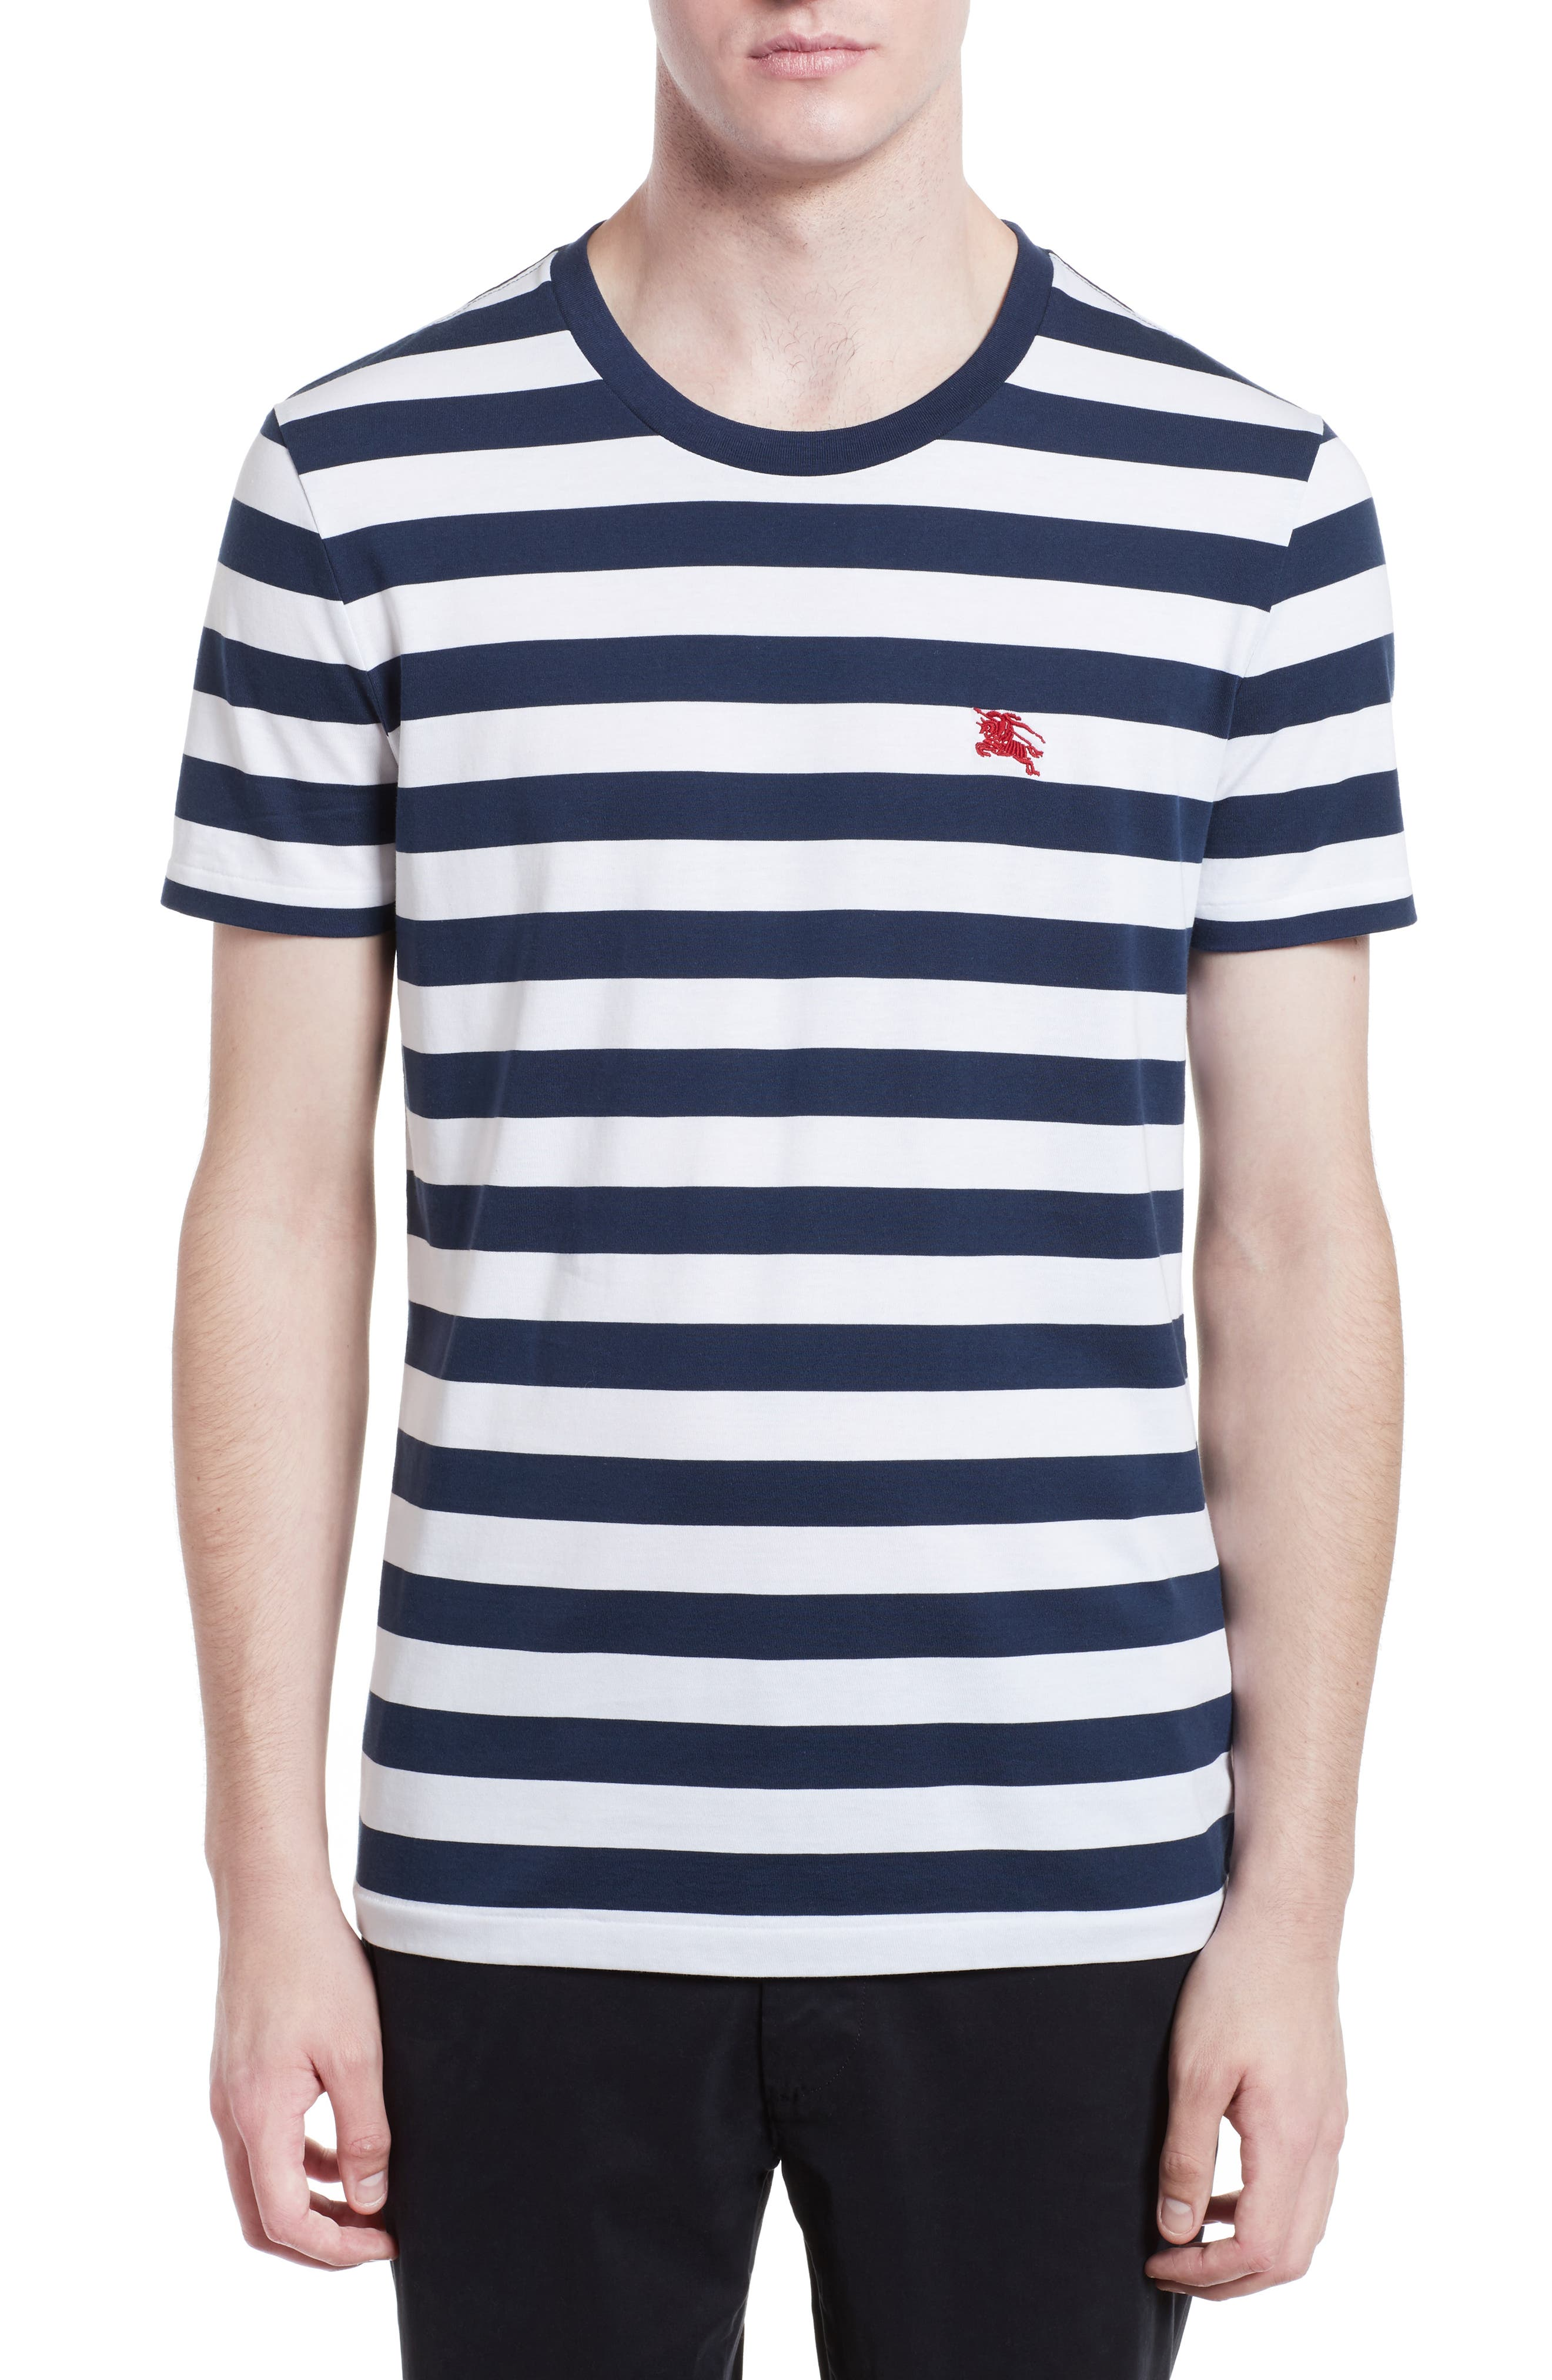 Burberry Torridge Trim Fit Stripe T-Shirt